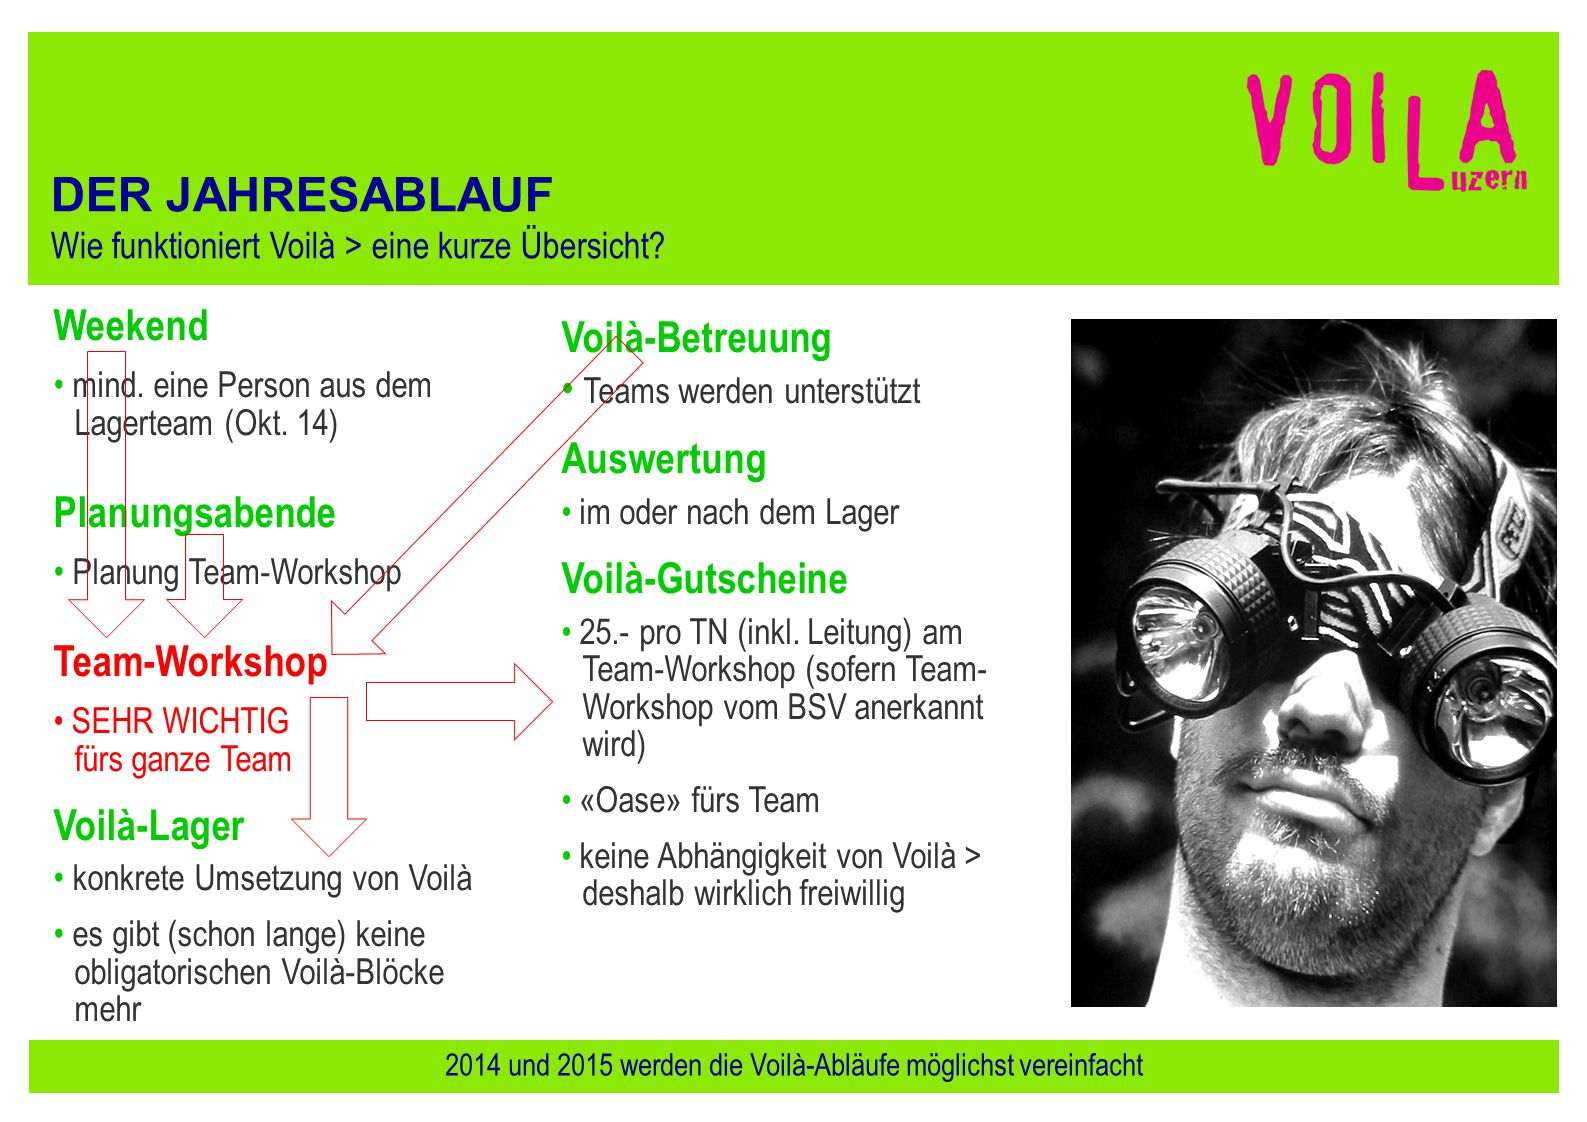 2014 und 2015 werden die Voilà-Abläufe möglichst vereinfacht